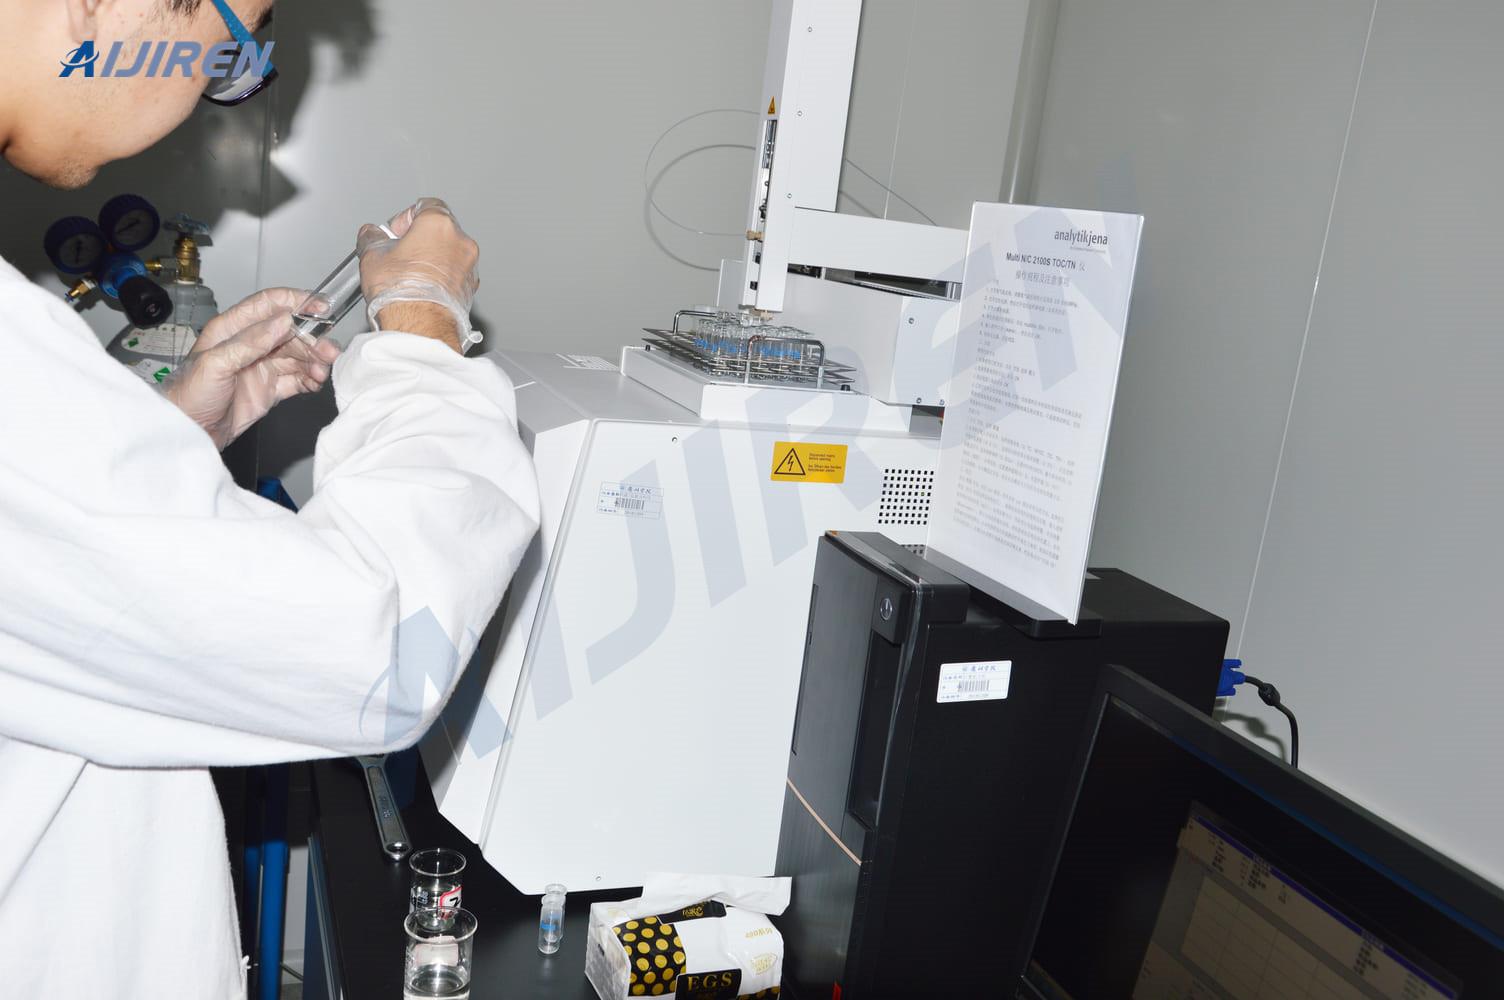 EPA Vial for Storing Samples